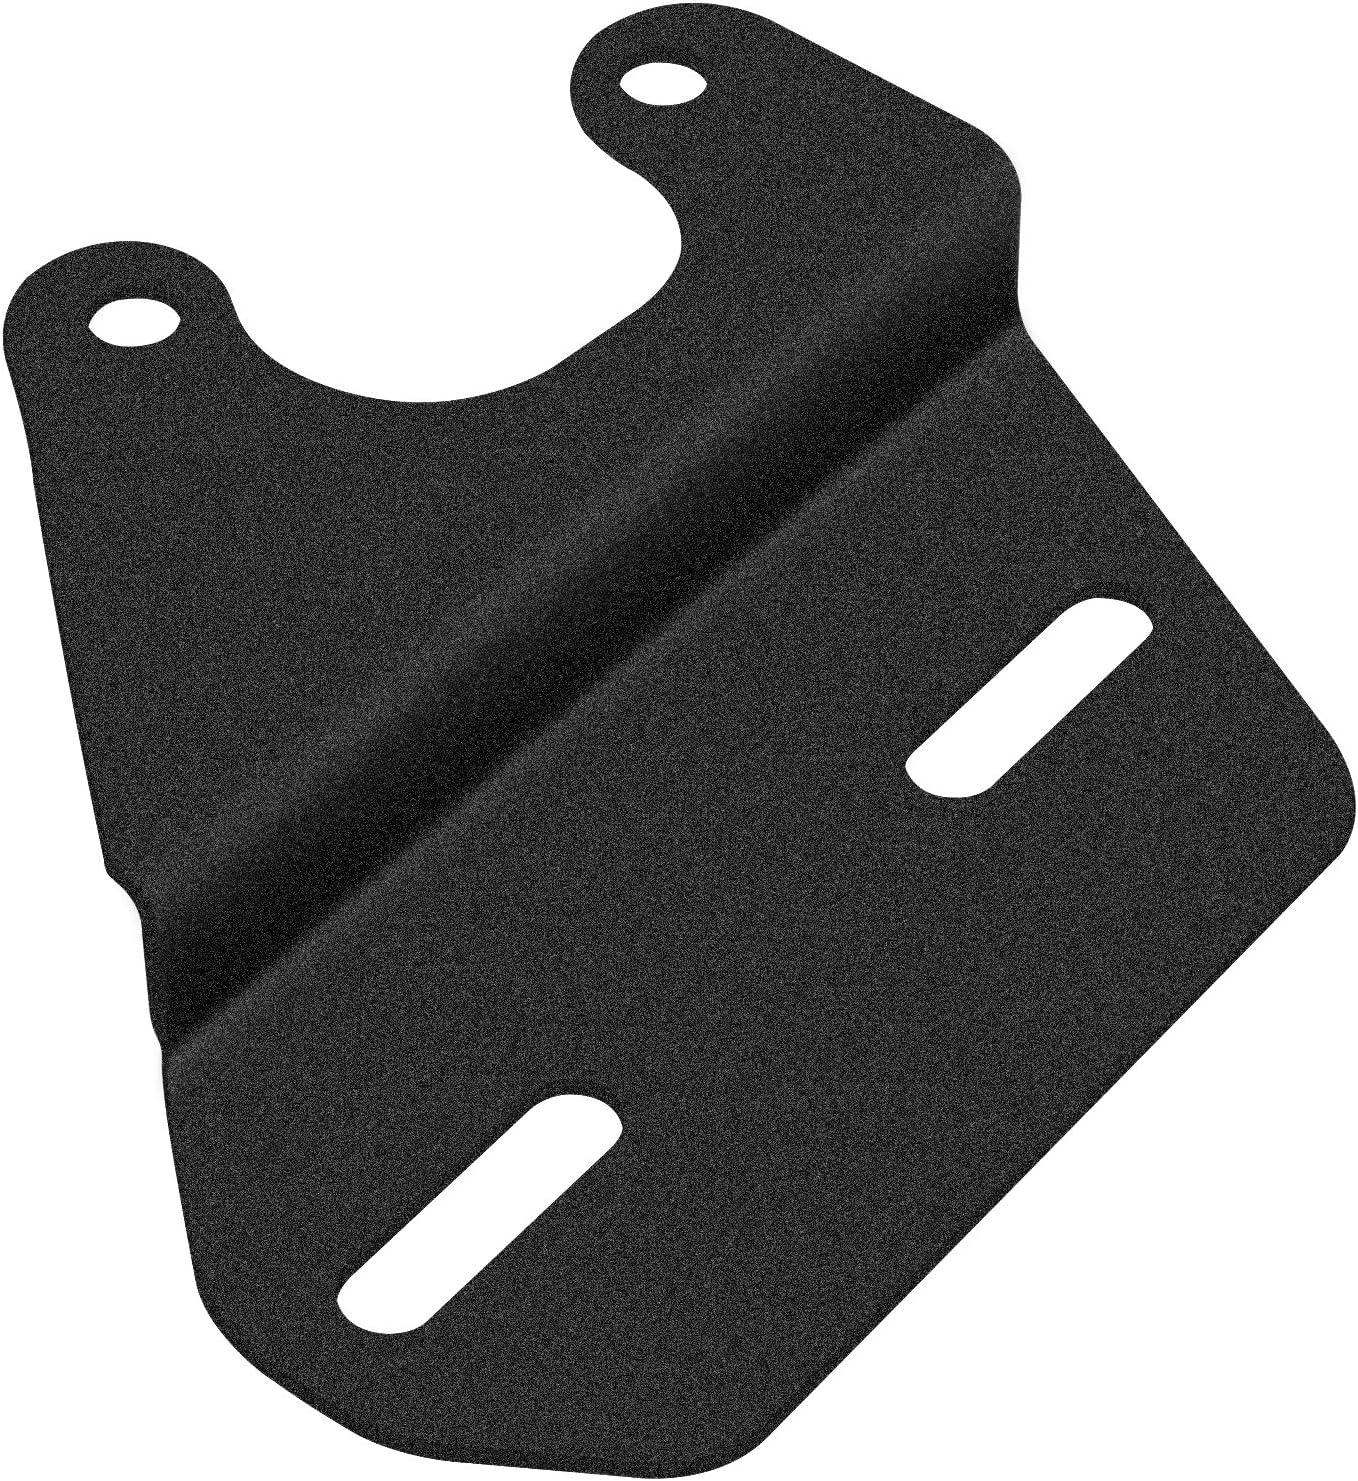 Yoursme Universal Tach//Hour Meter Mounting Bracket Black for EU1000I EU2000I /& EU2200I Honda Generators